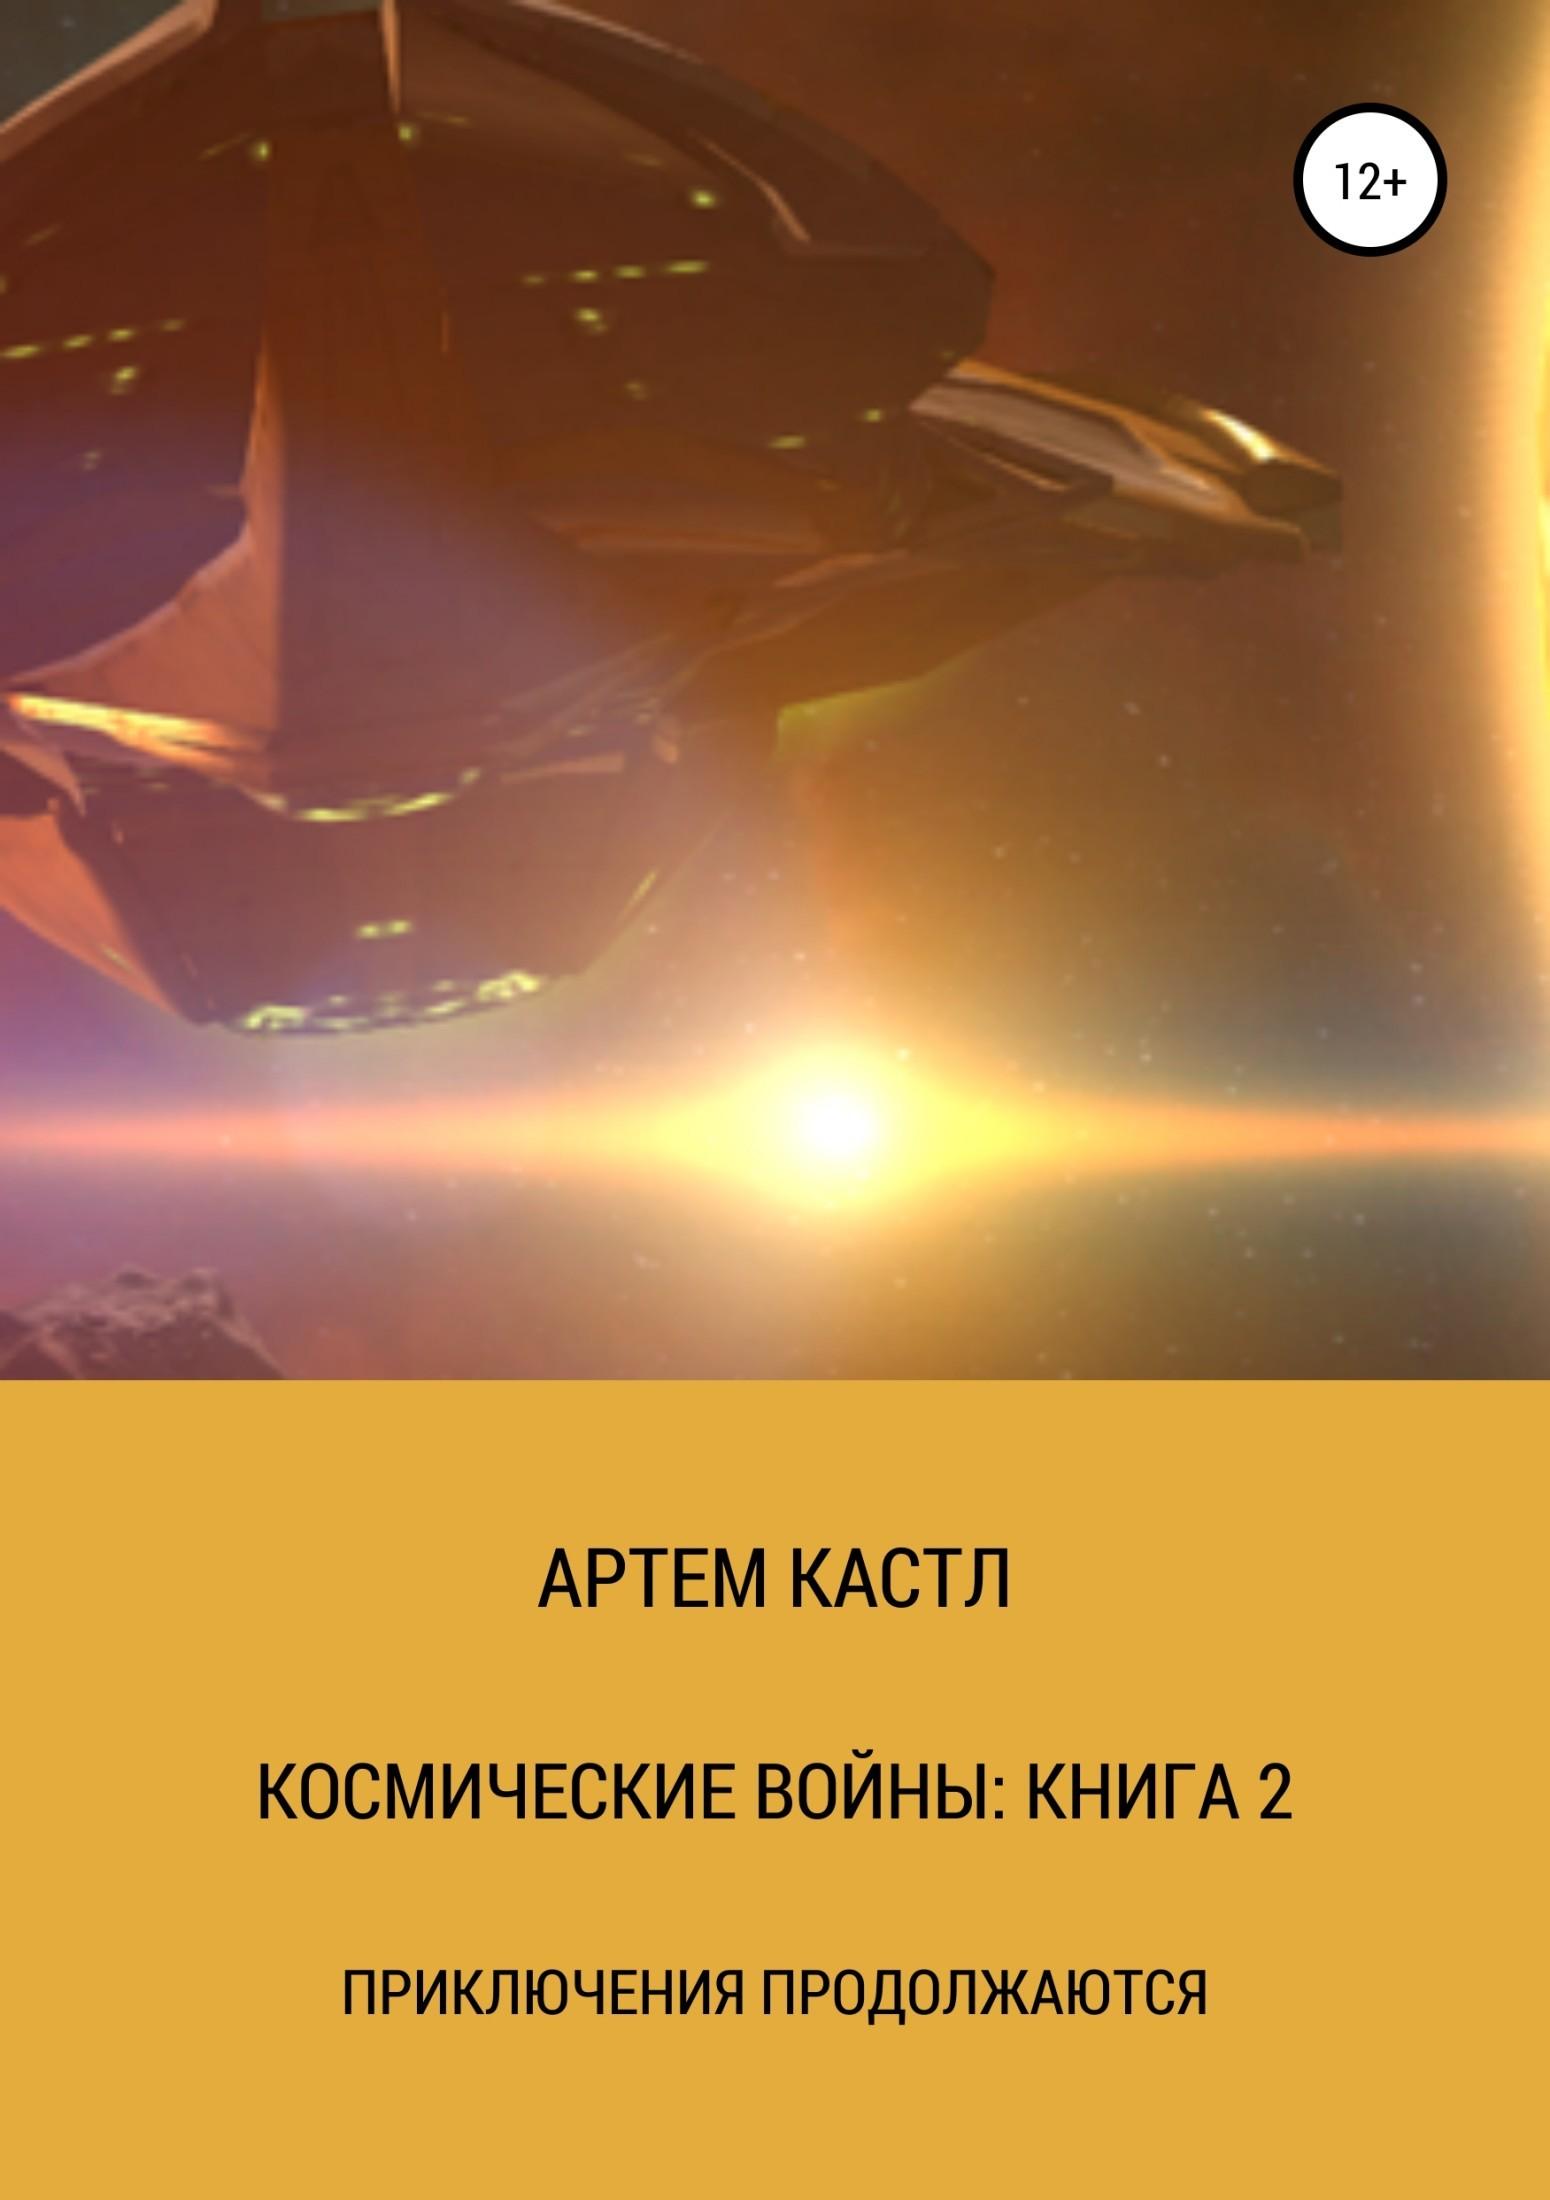 Артем Кастл Космические Войны: Книга 2 артем кастл космические войны зейла